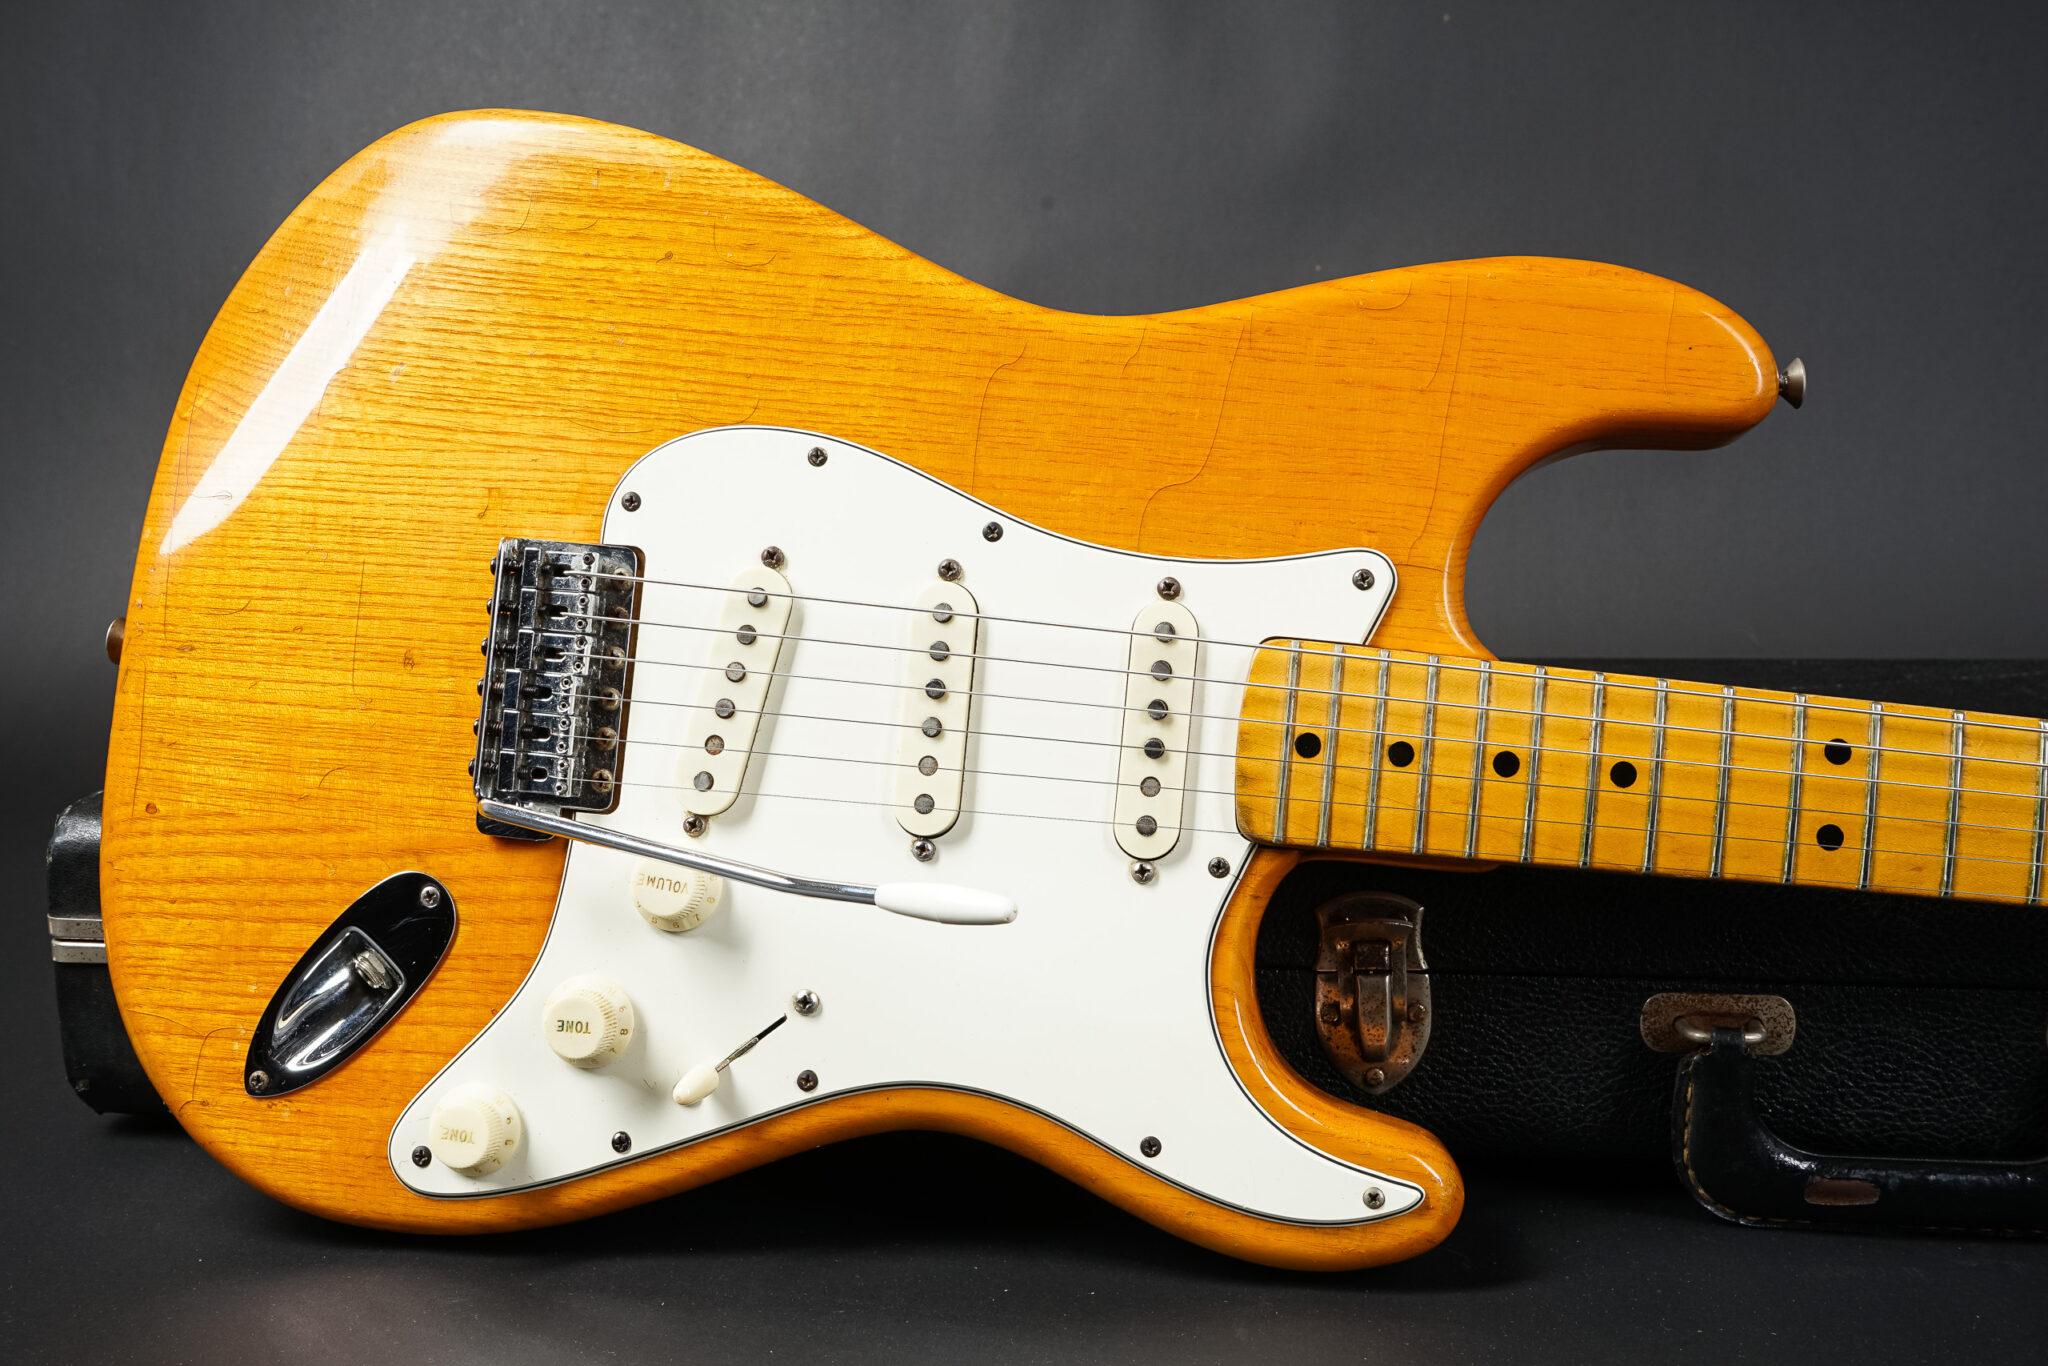 https://guitarpoint.de/app/uploads/products/1974-fender-stratocaster-natural-ash-515663/1974-Fender-Stratocaster-Natural-515663-9-2048x1366.jpg